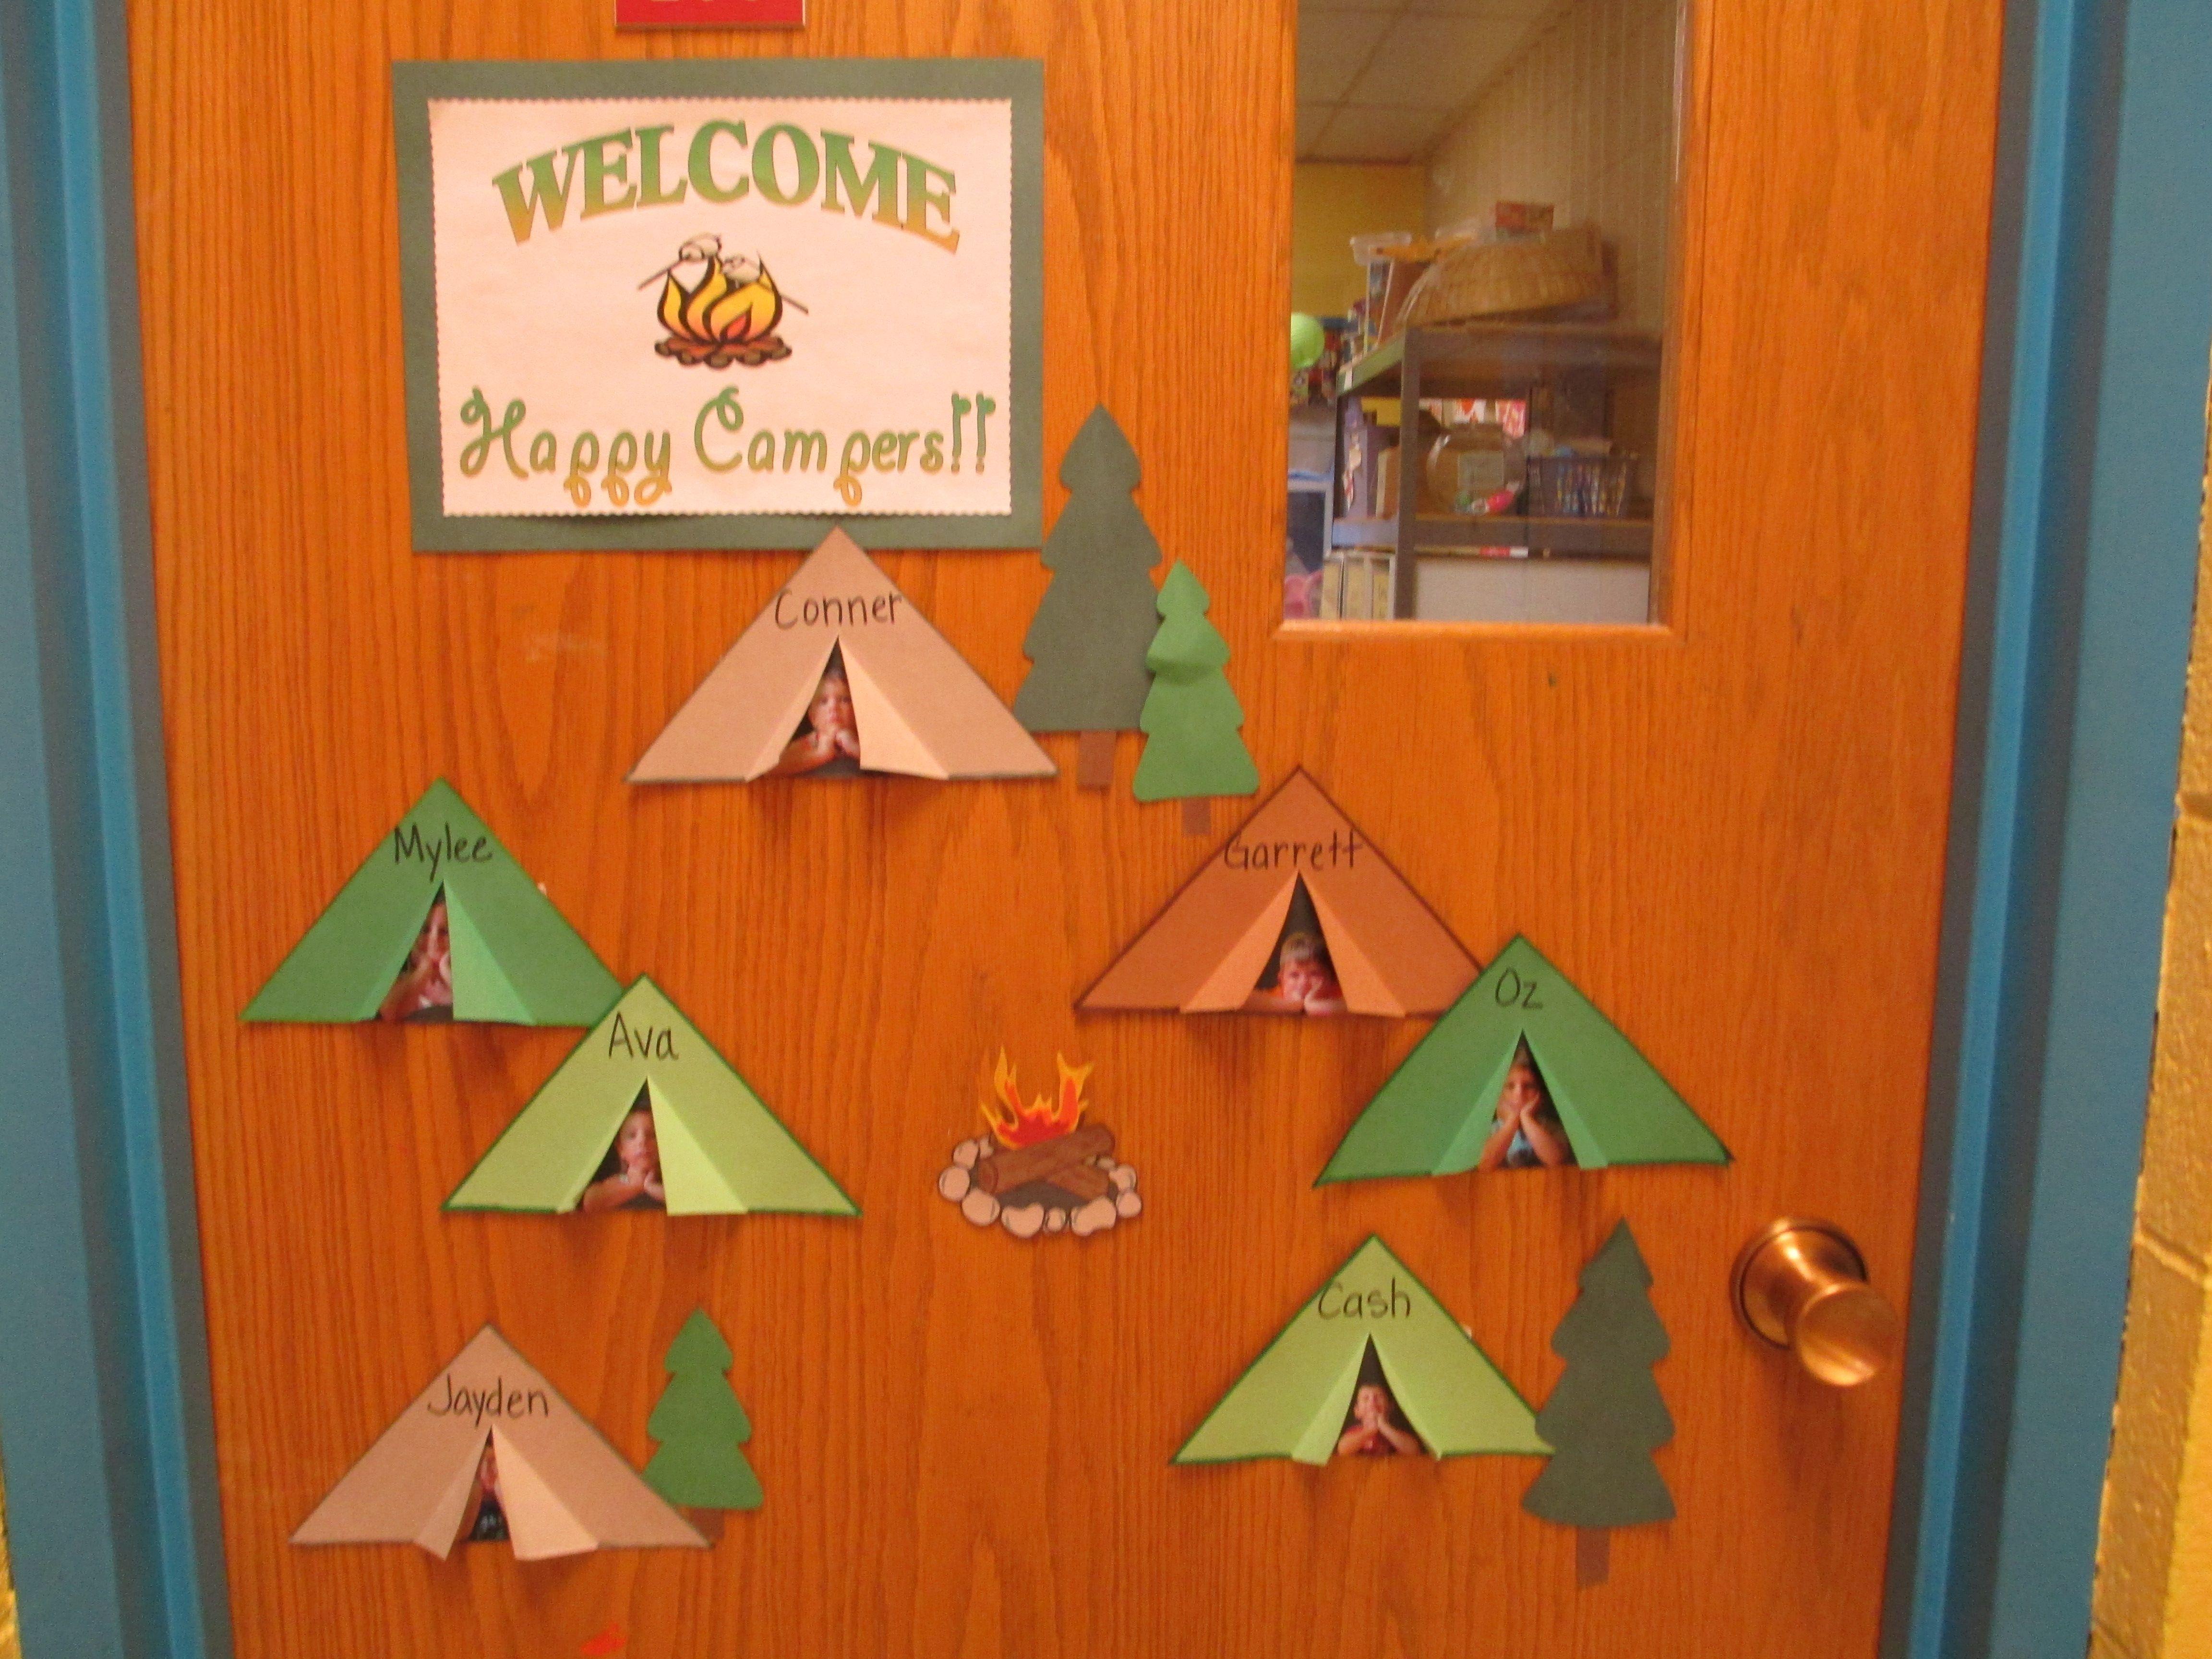 Welcome Happy Campers Door Decor